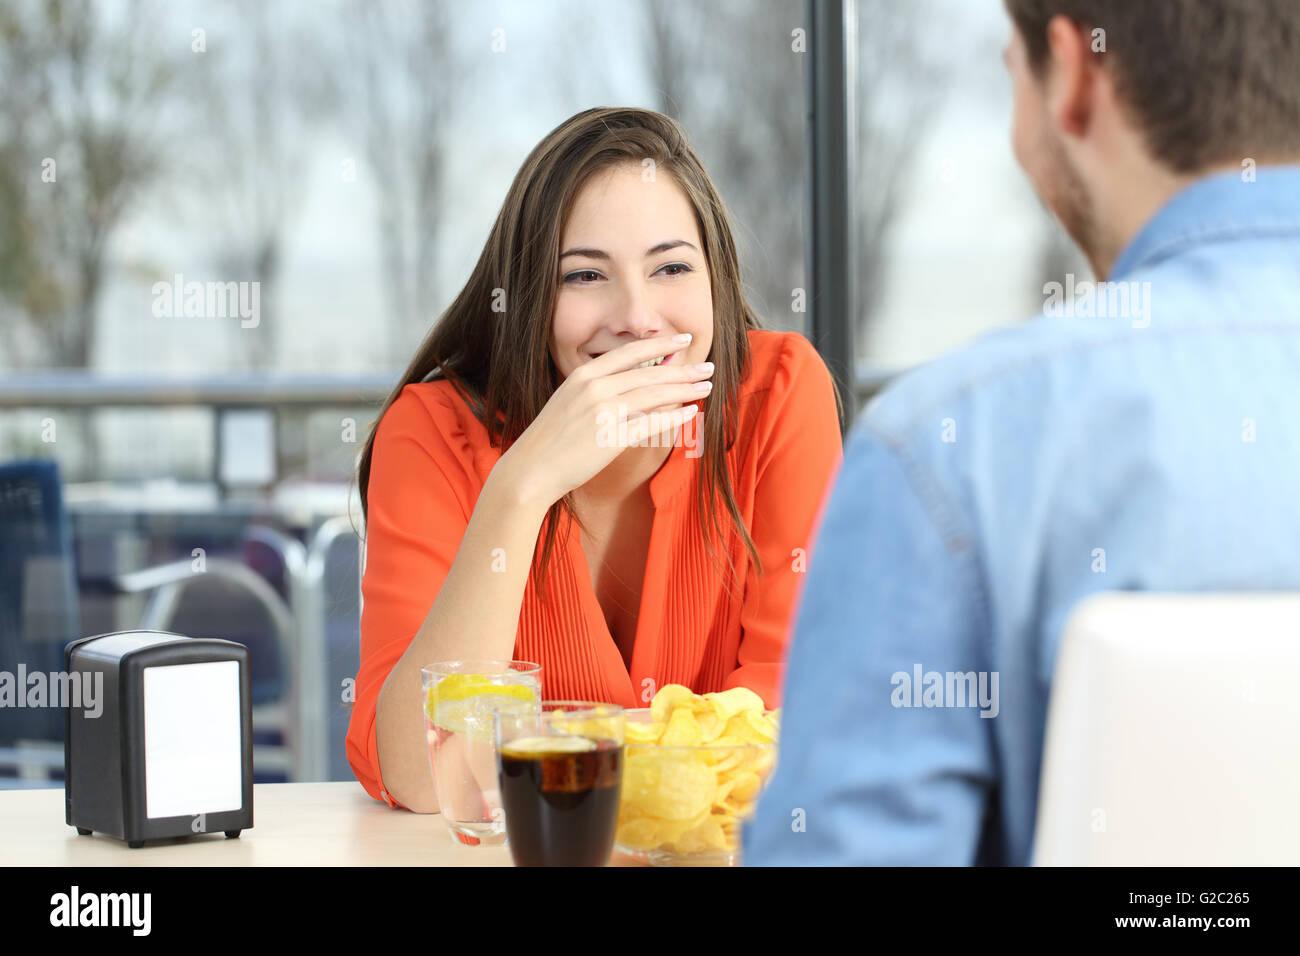 Donna che copre la bocca per nascondere un sorriso o alito cattivo durante una data in una caffetteria con una finestra Immagini Stock